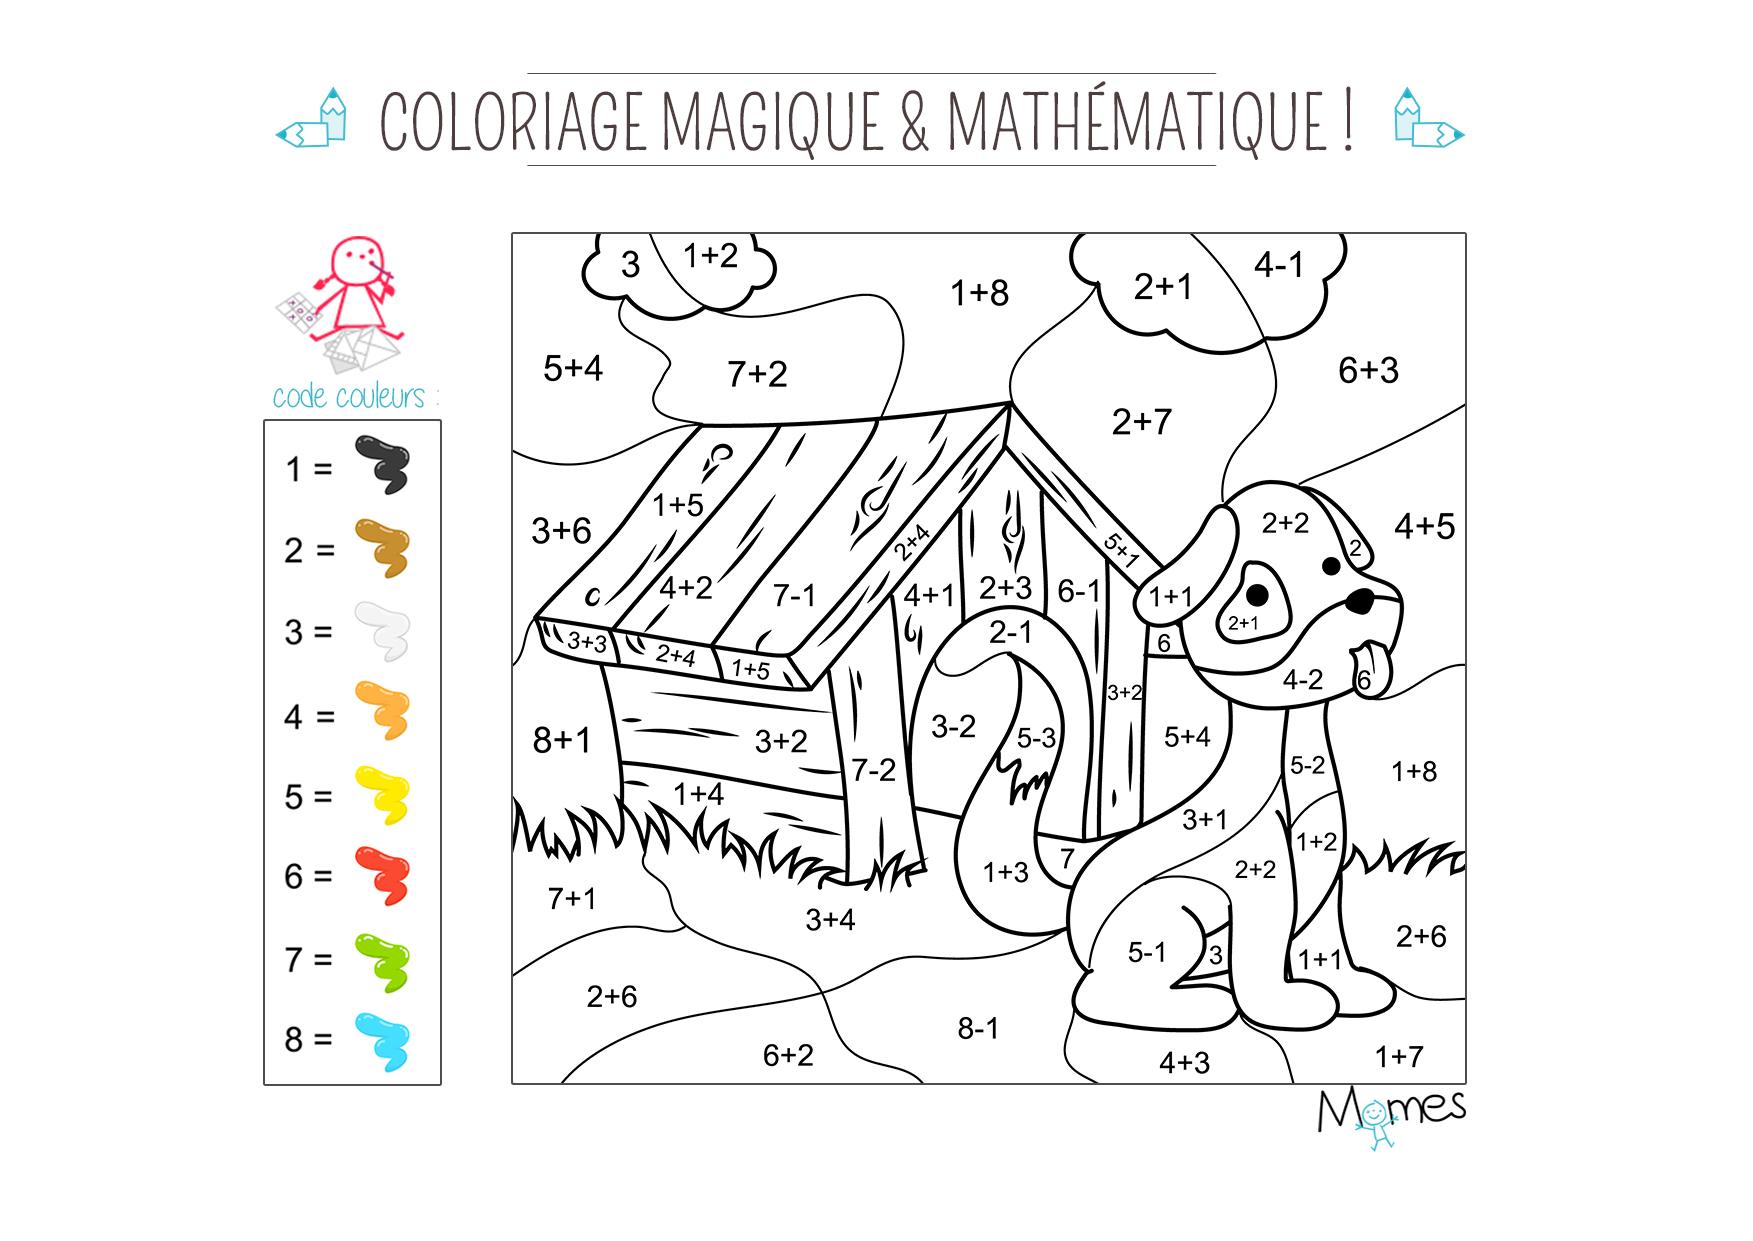 Coloriage magique et math matique le chien - Coloriages magiques additions ...